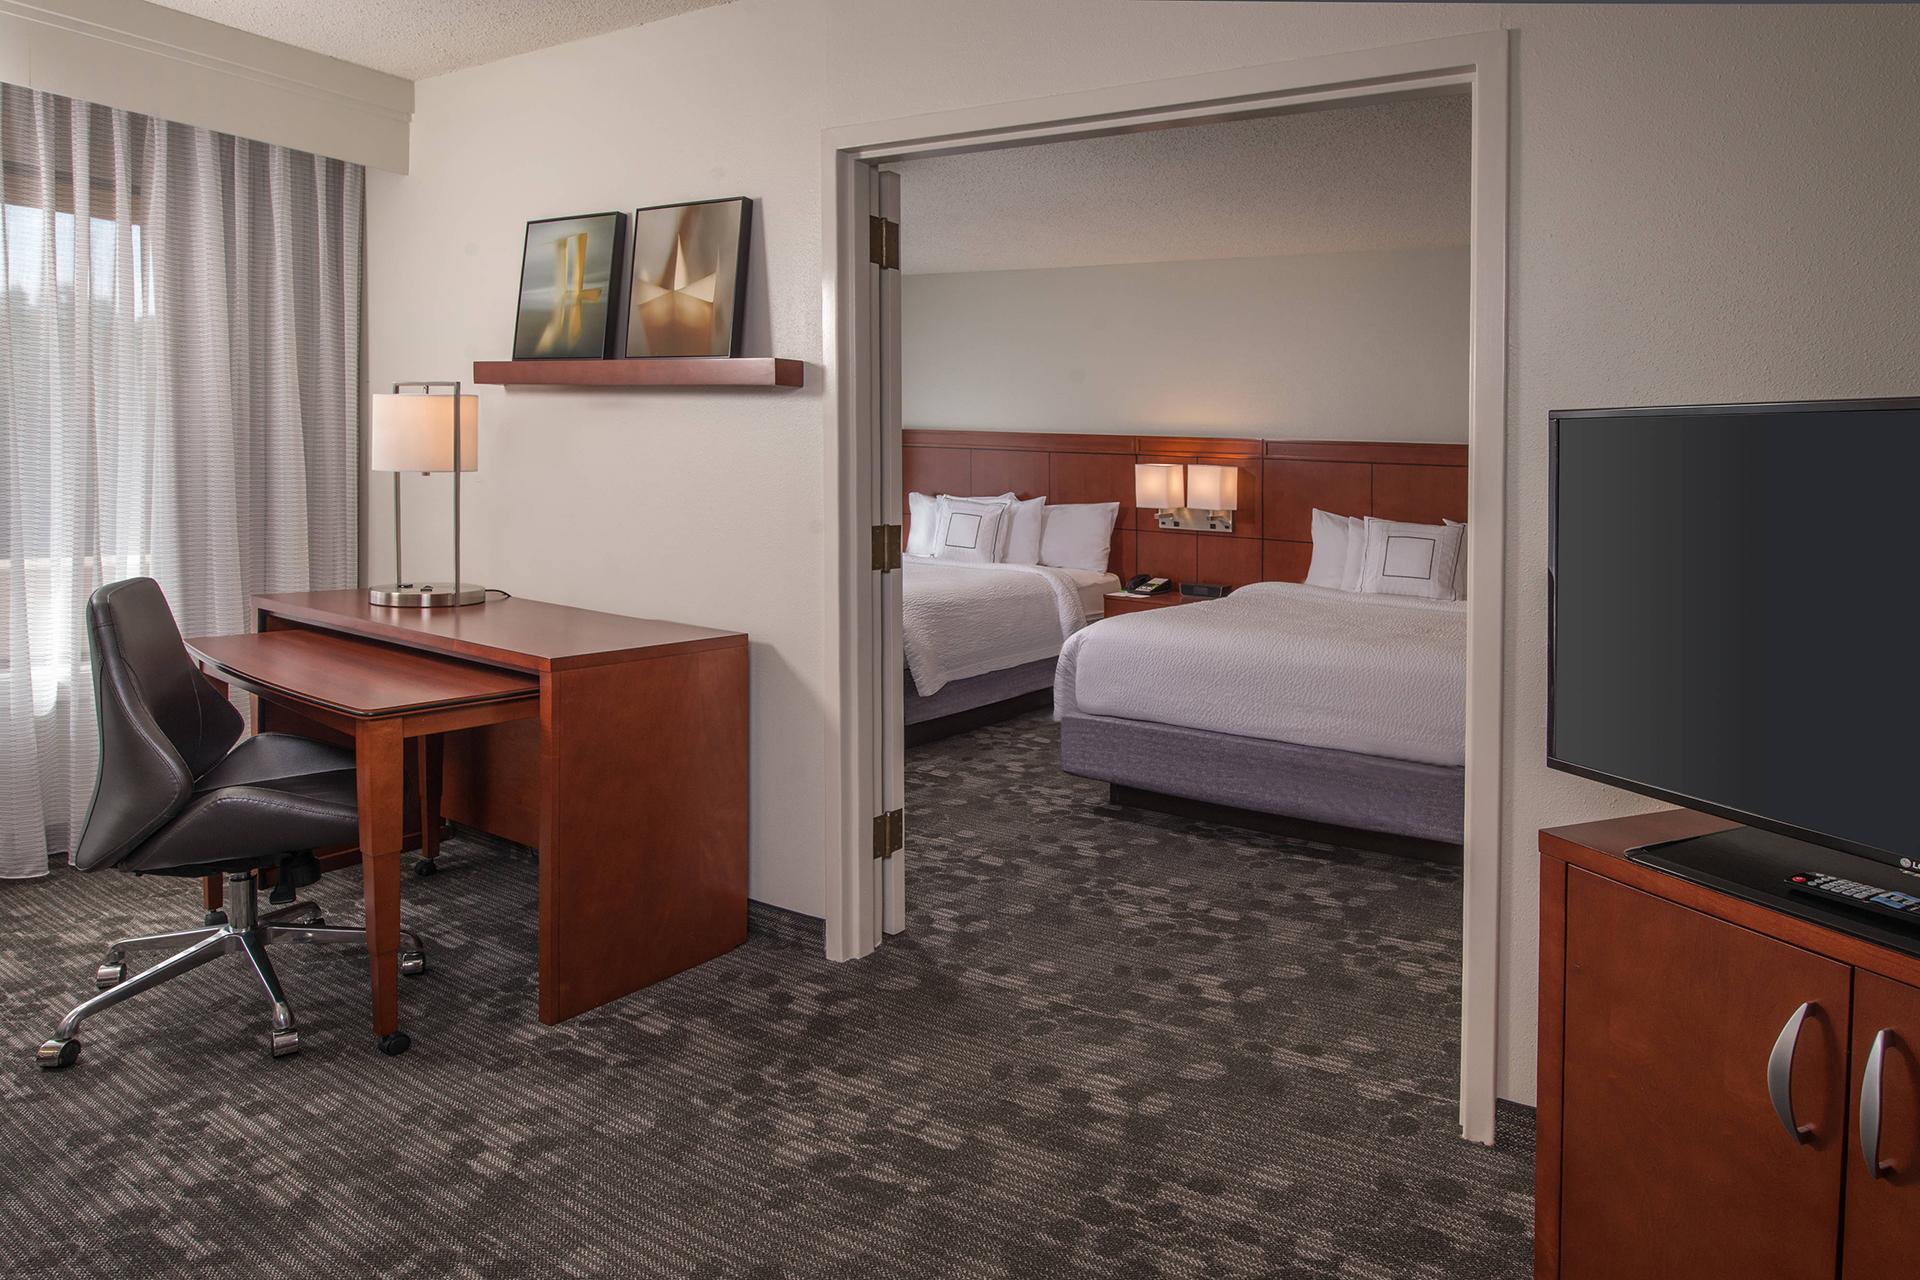 Sonesta Select Greenbelt 2 Bed Queen Suite